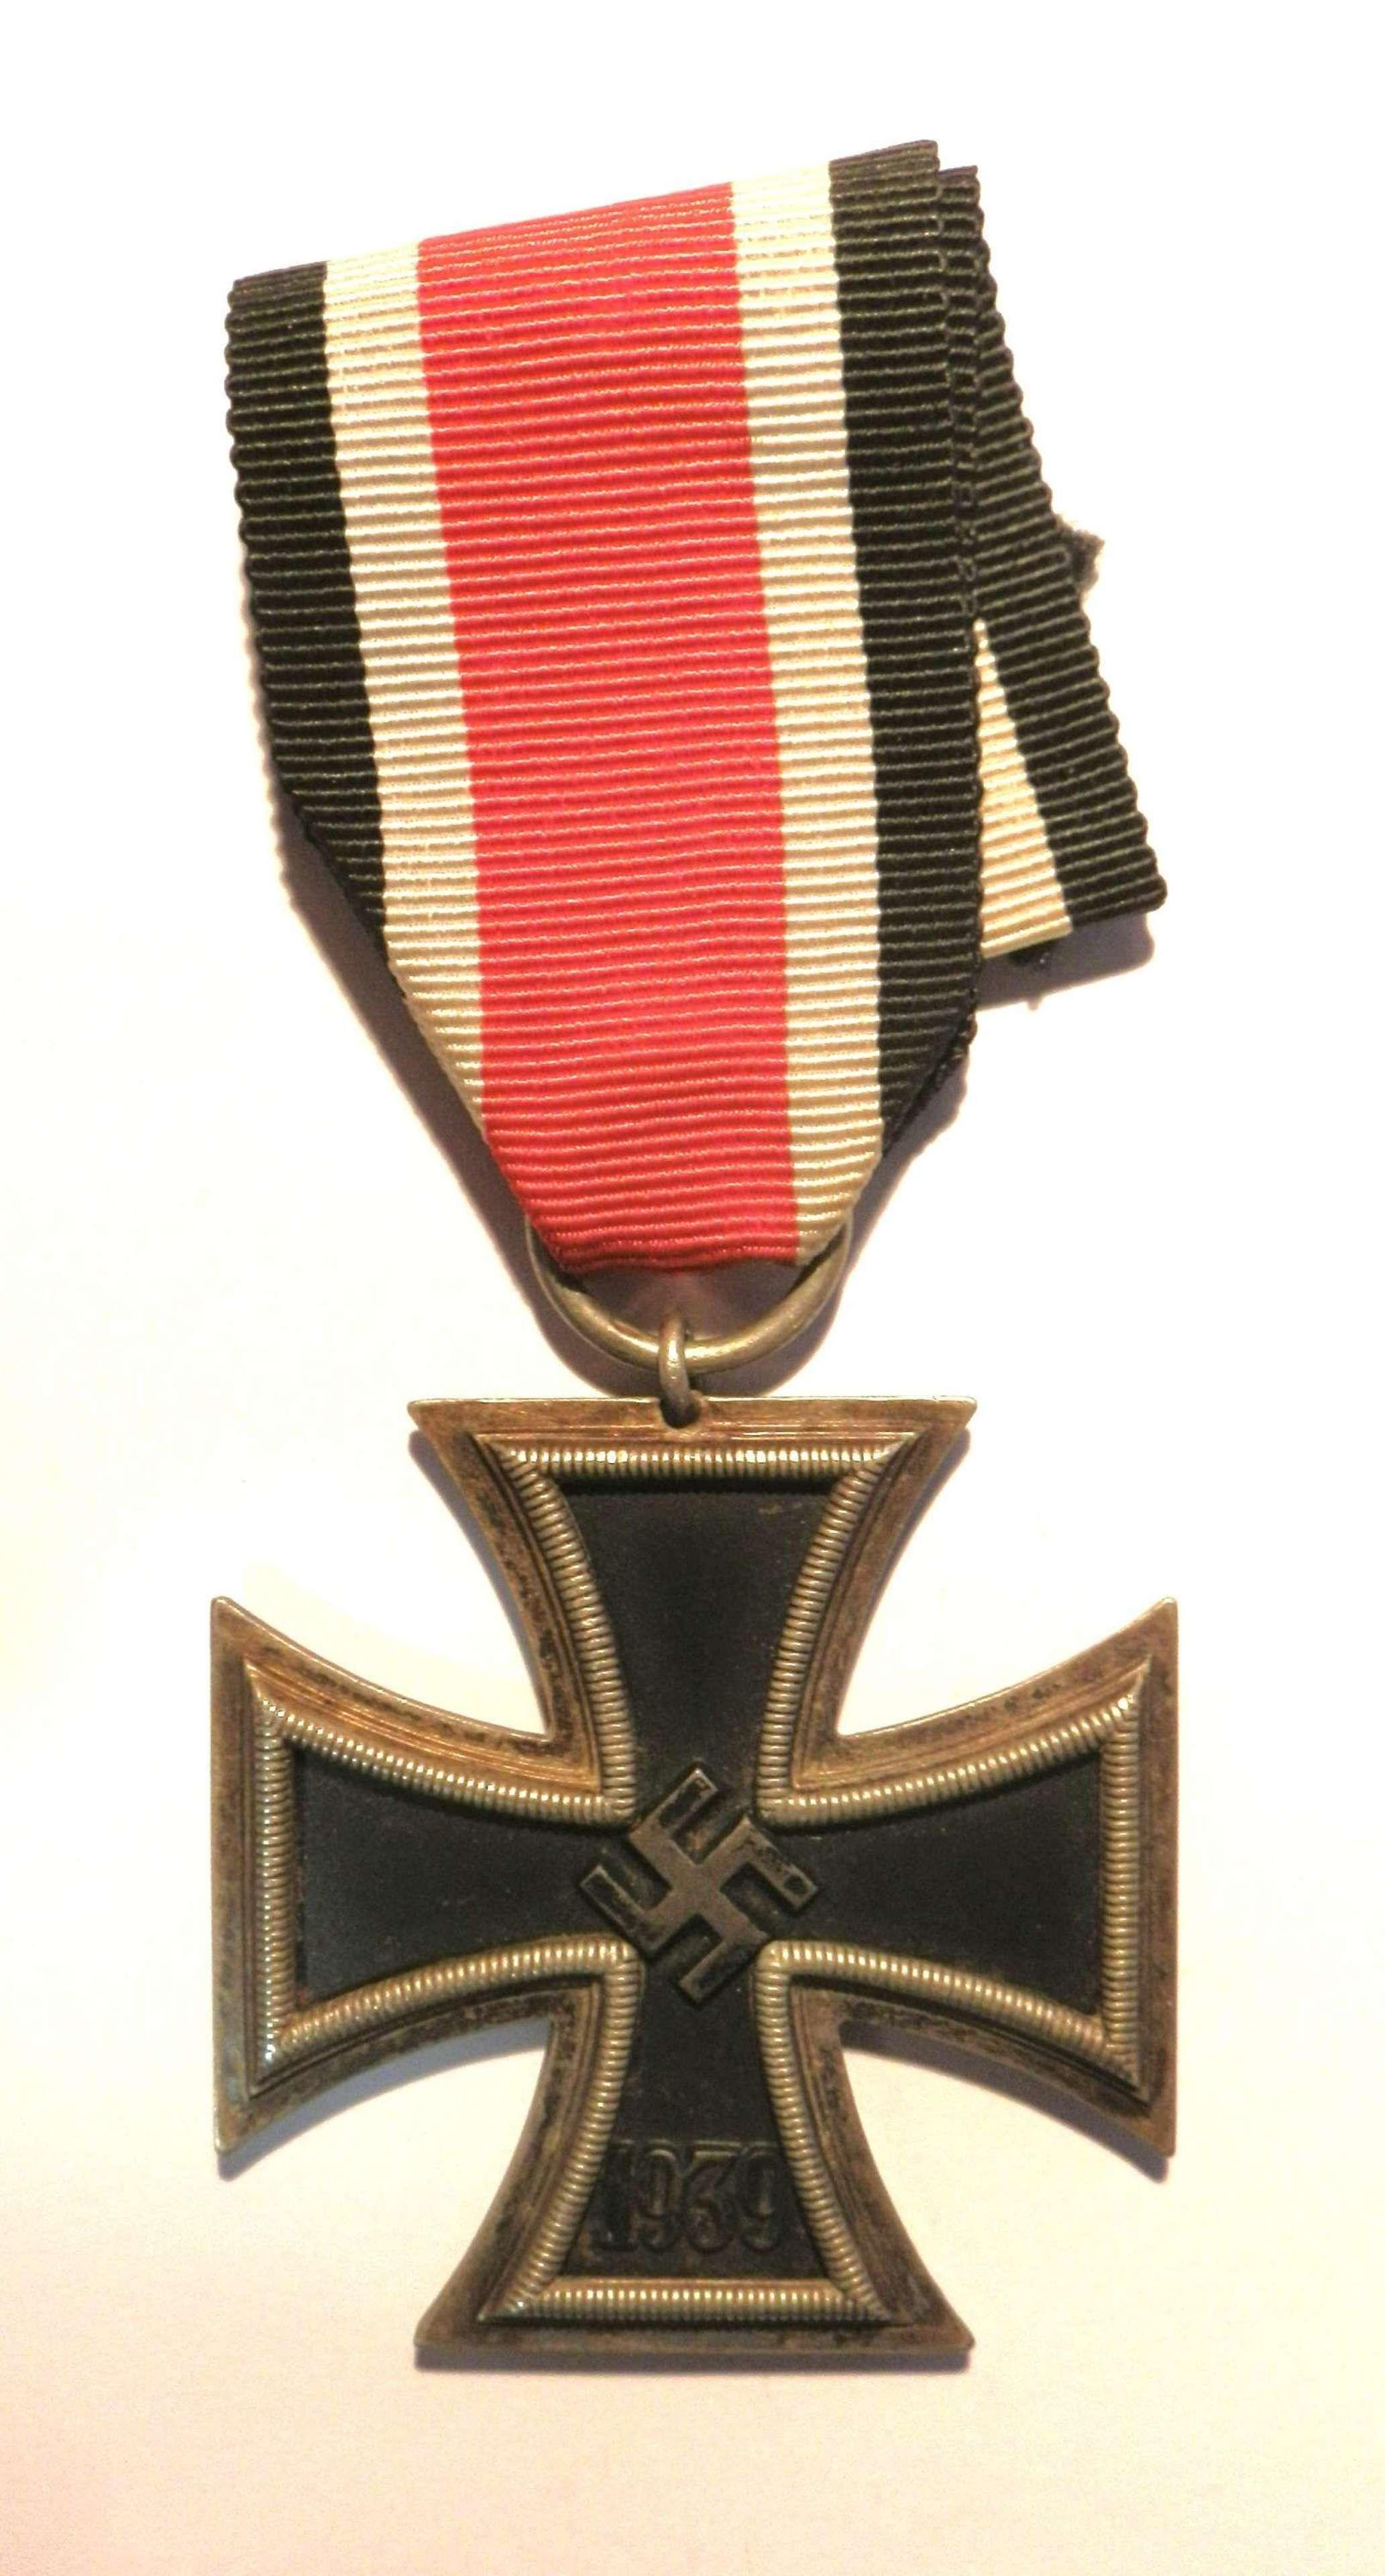 Third Reich Iron Cross, 2nd Class. Makers Mark No. 65